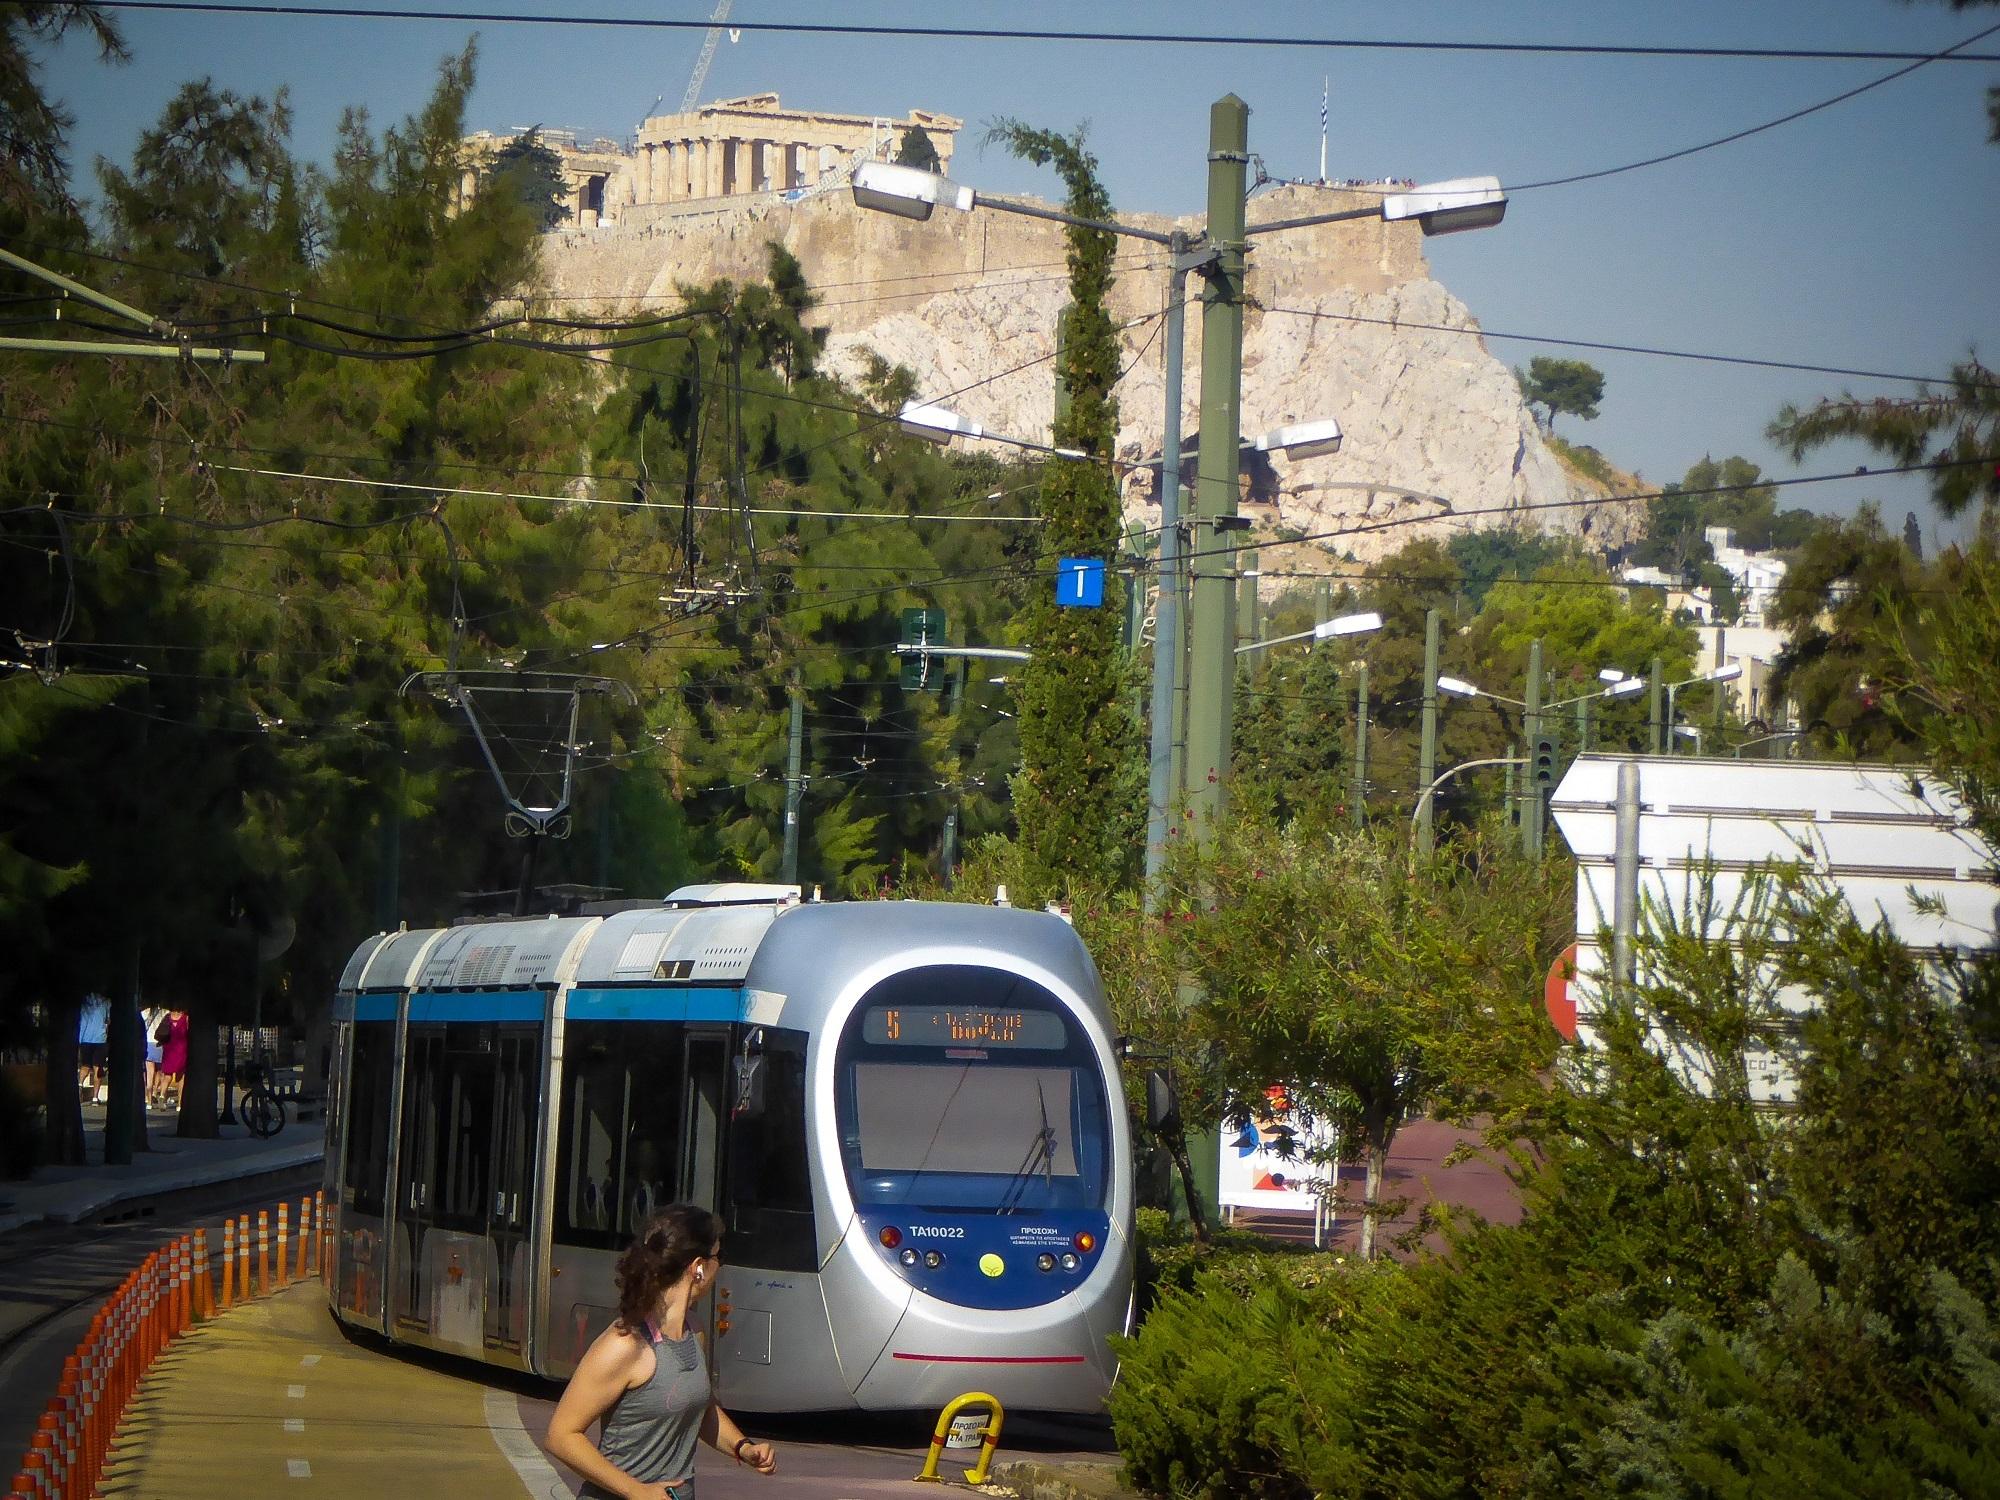 Αποκαταστάθηκε η κυκλοφορία συρμών του τραμ σε όλο το δίκτυο